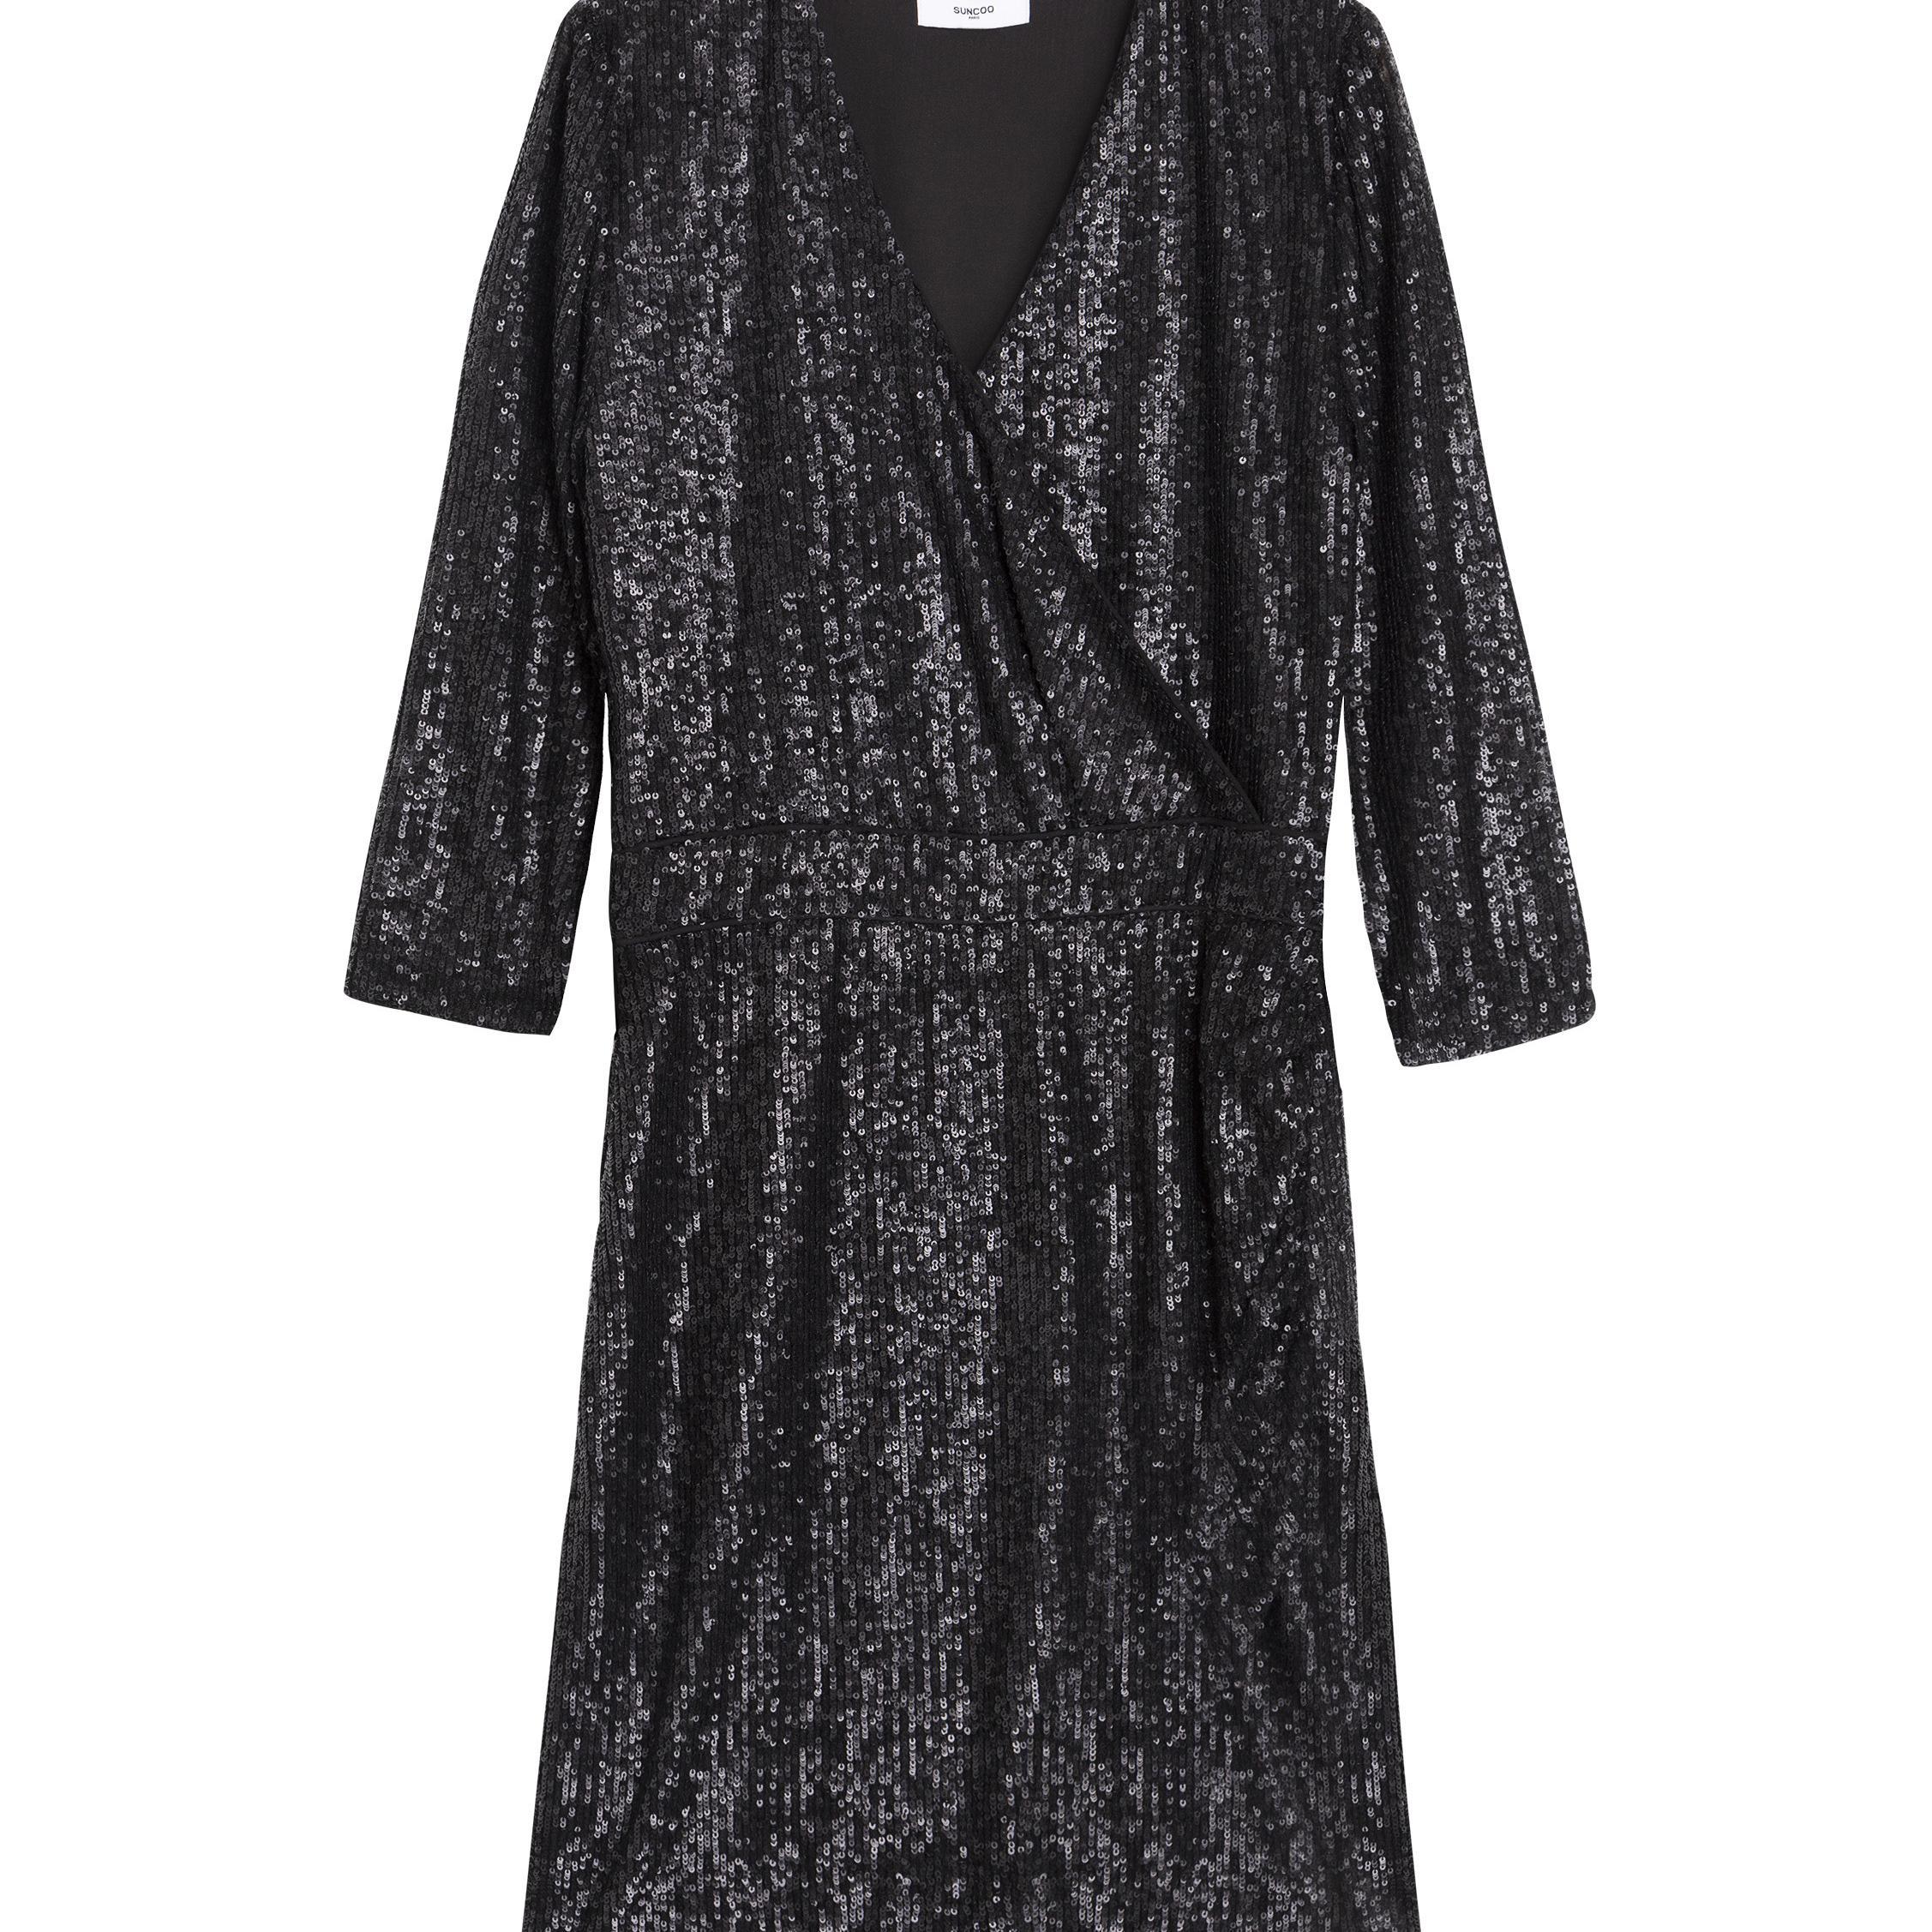 SUNCOO CAITLYN SEQUIN WRAP DRESS